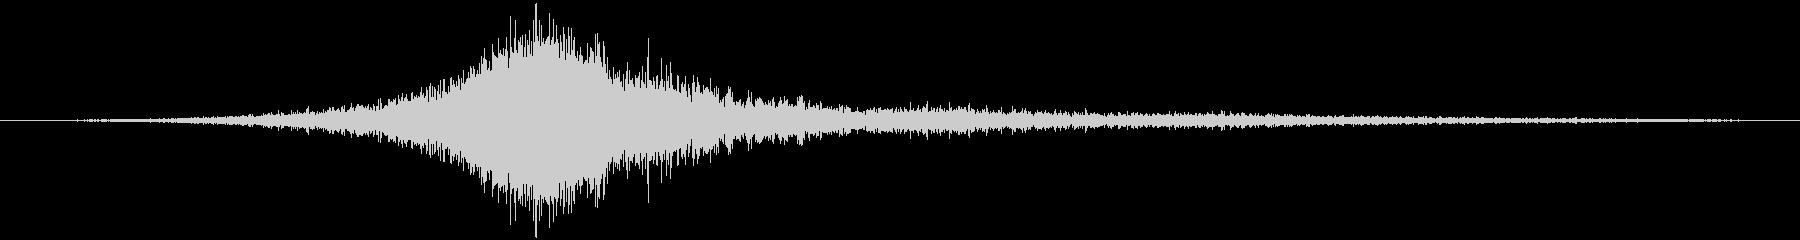 エアバスA320旅客機:内線:オー...の未再生の波形